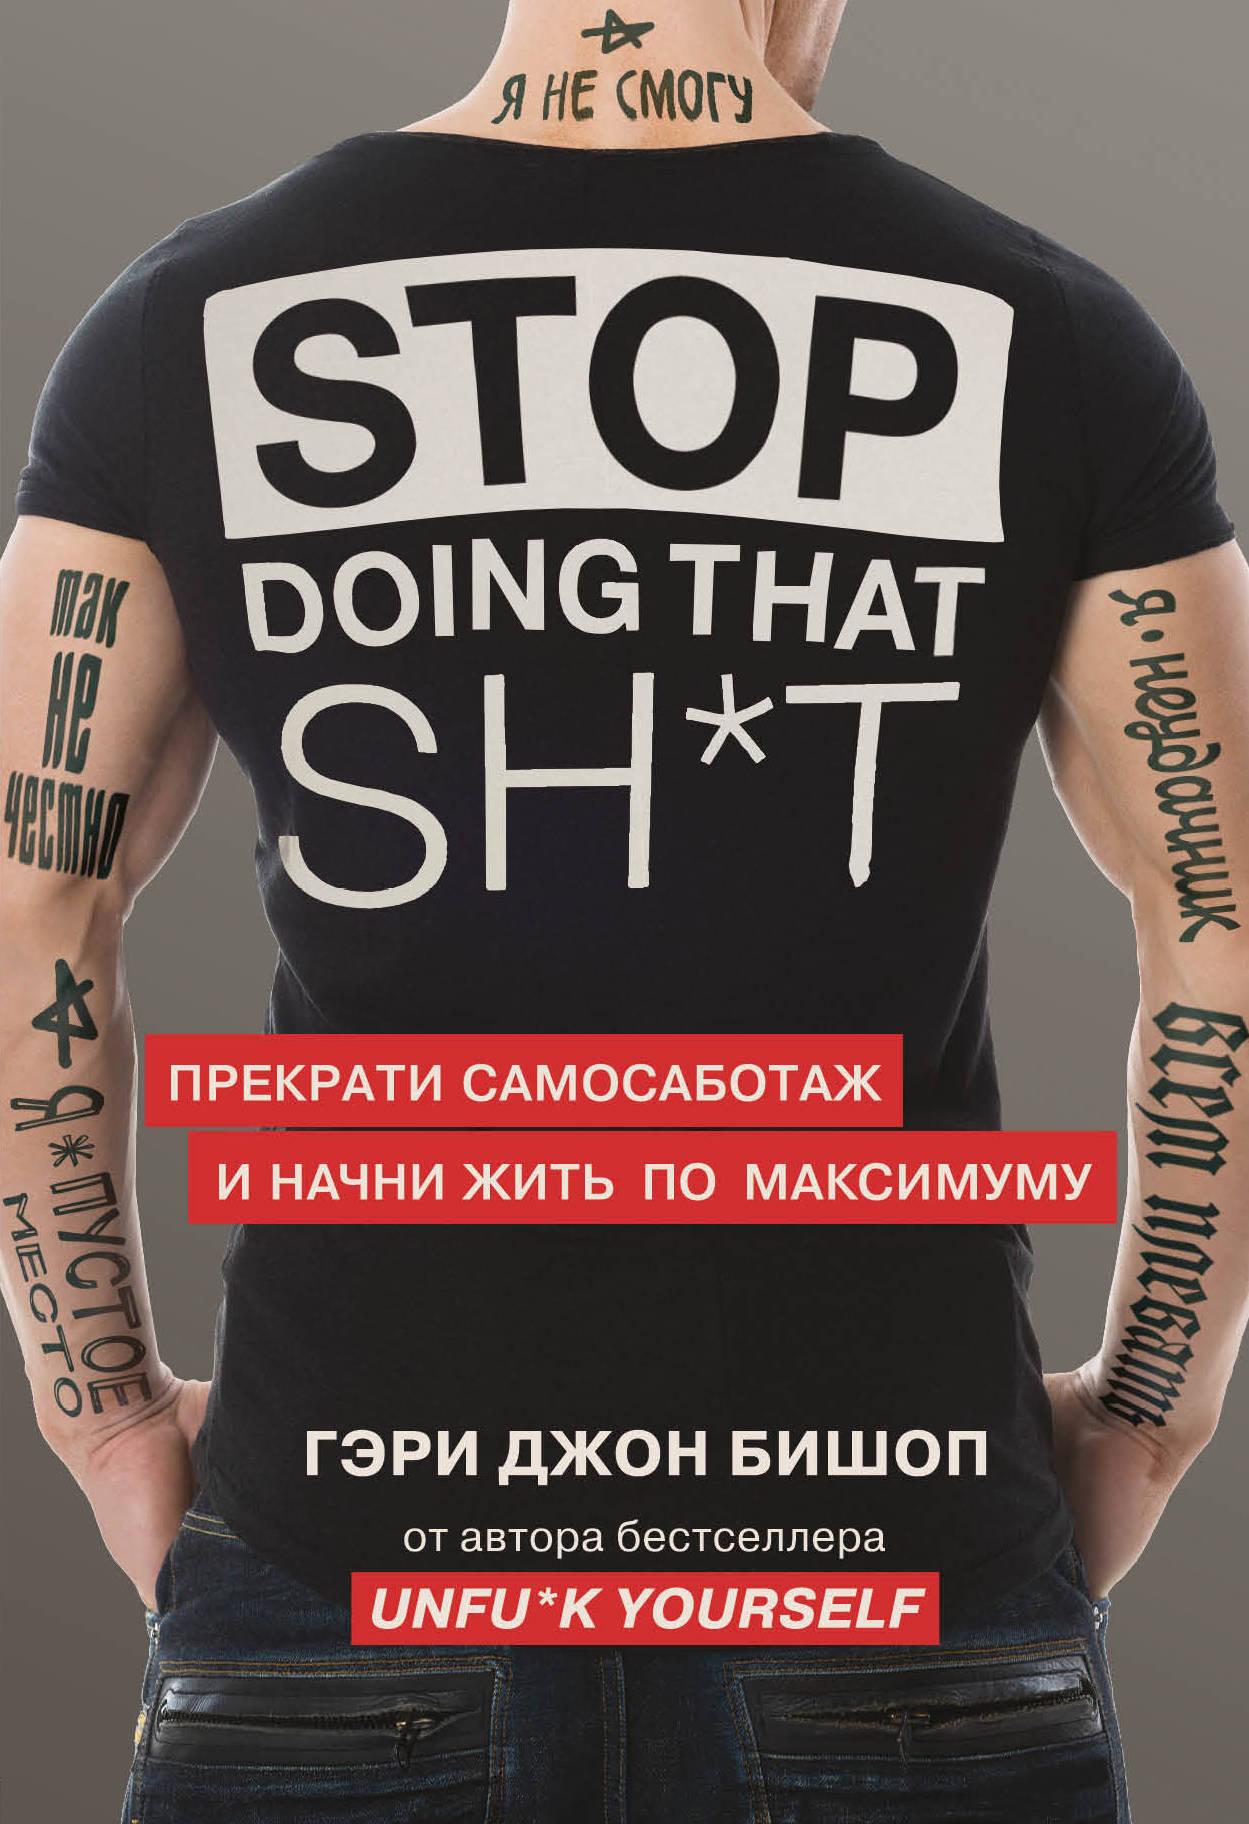 Stop doing that shit. Prekrati samosabotazh i nachni zhit po maksimumu